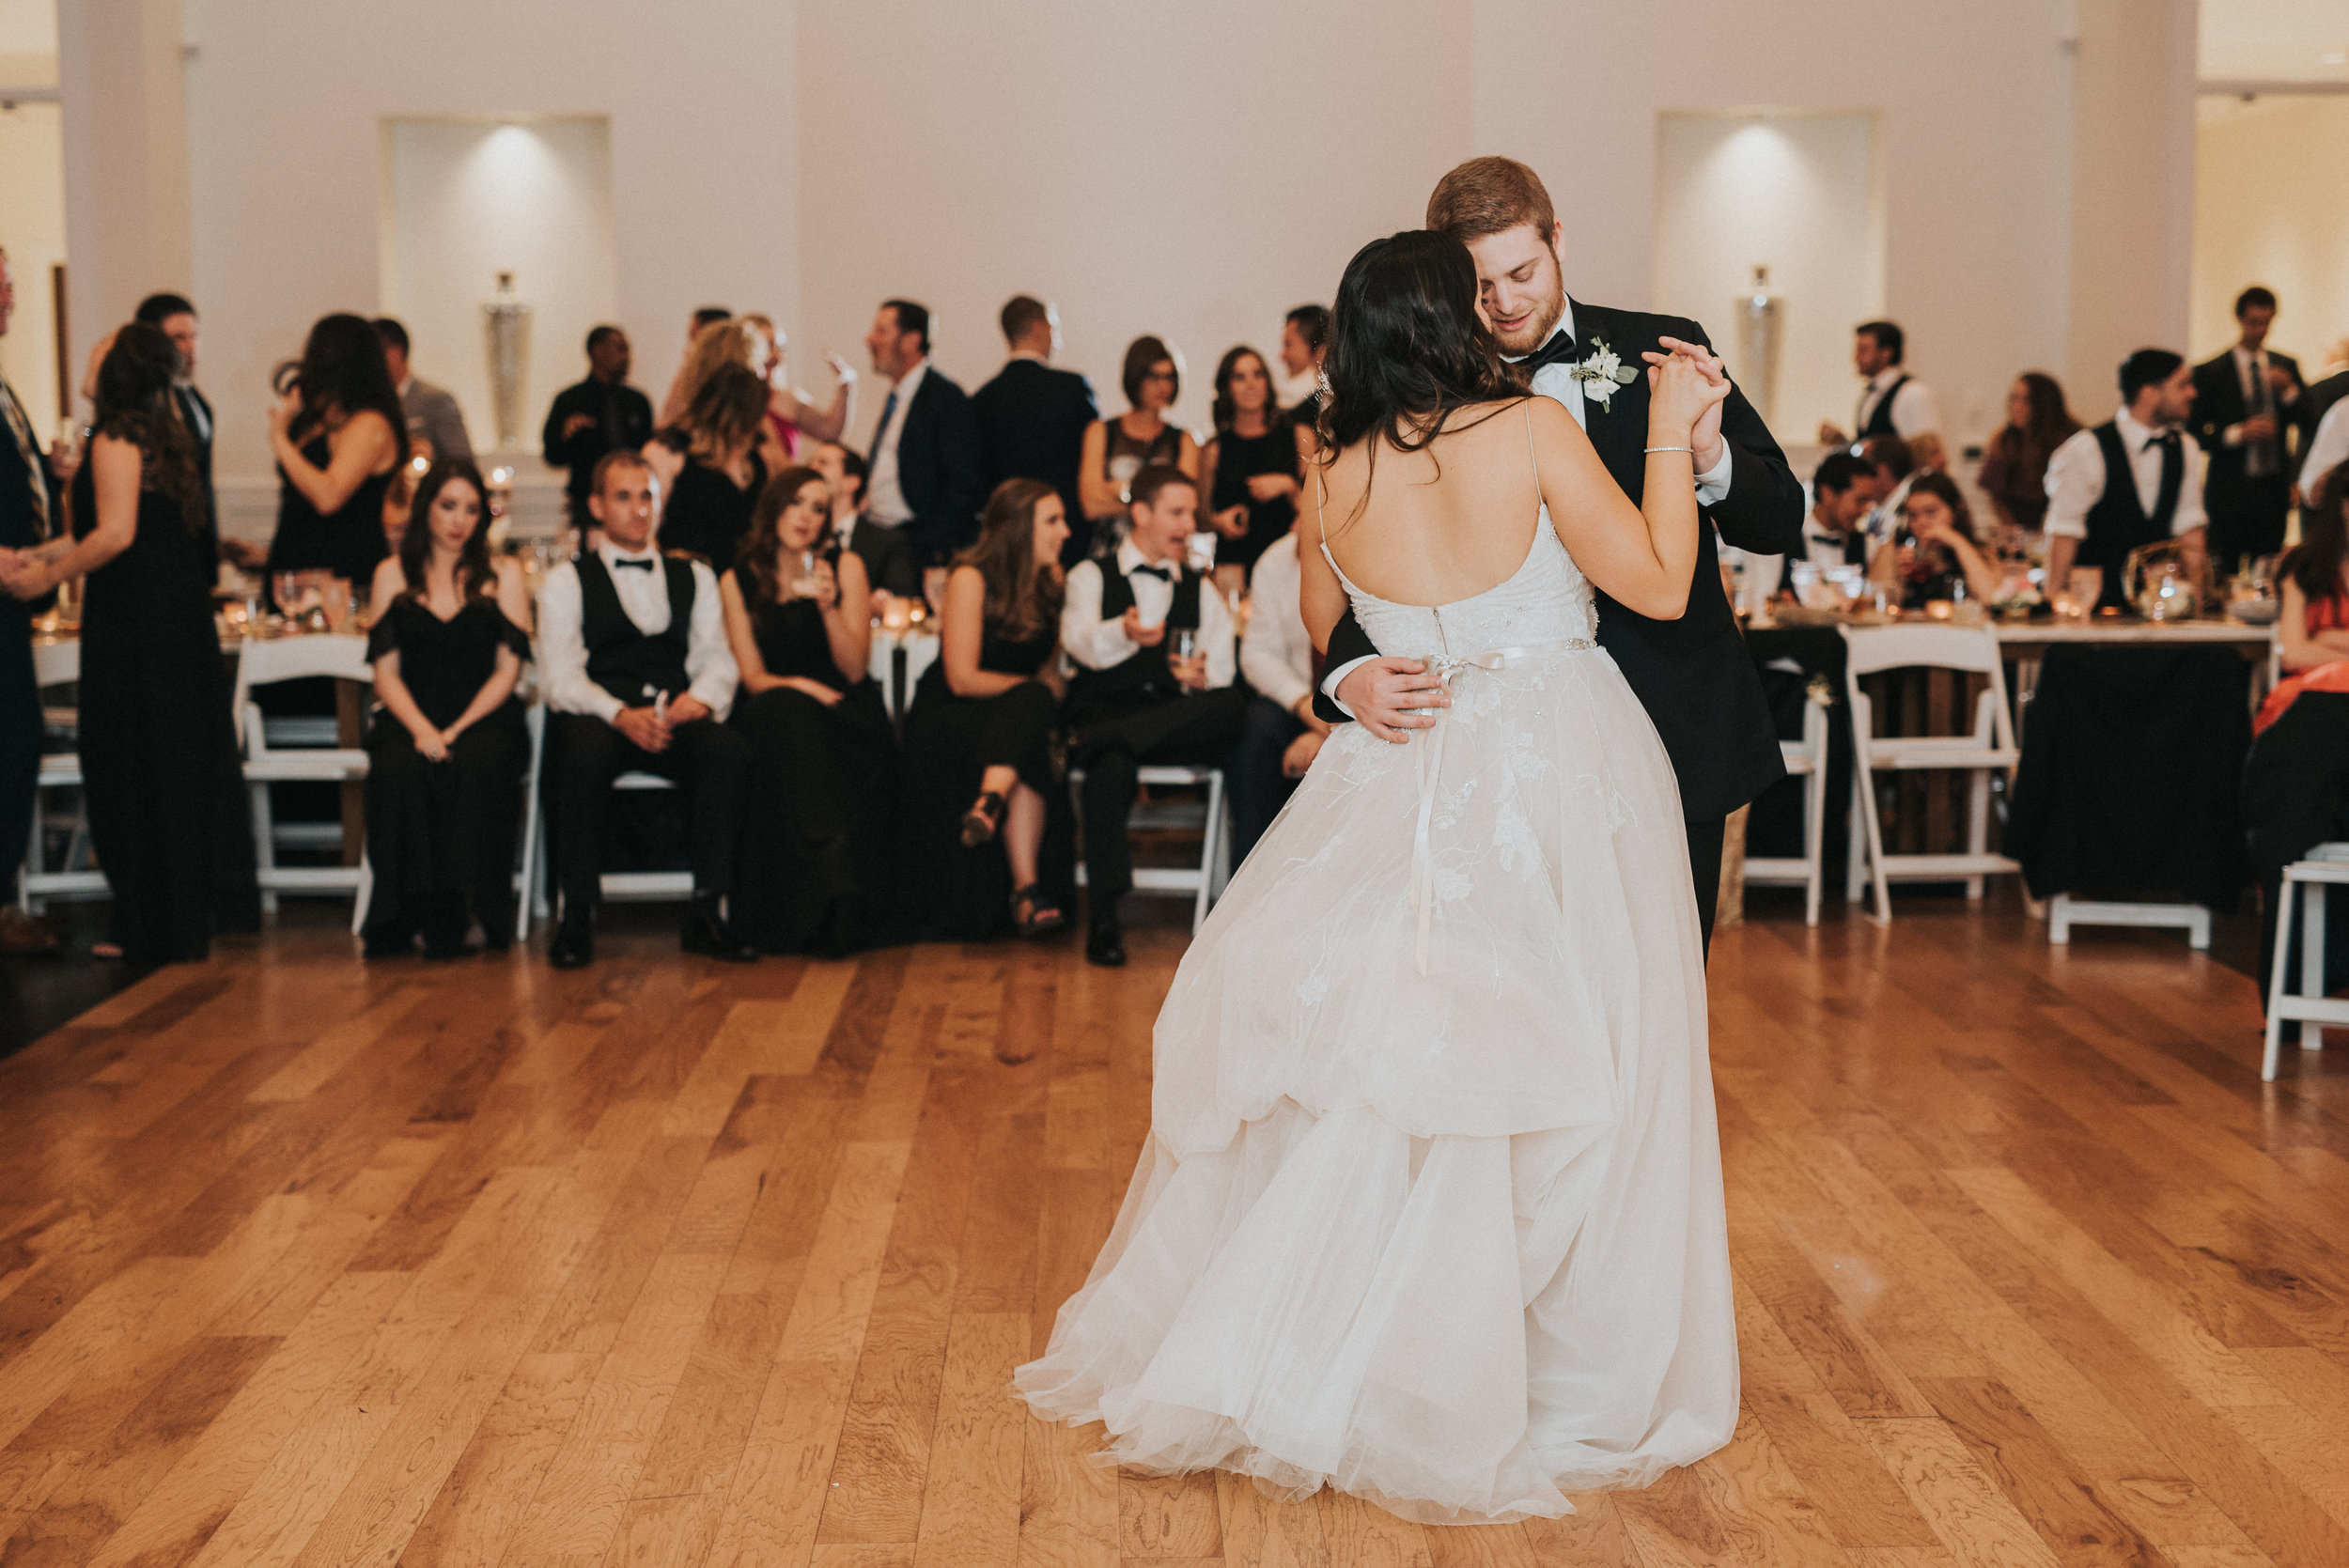 kayla_sammy_wedding-1063.jpg